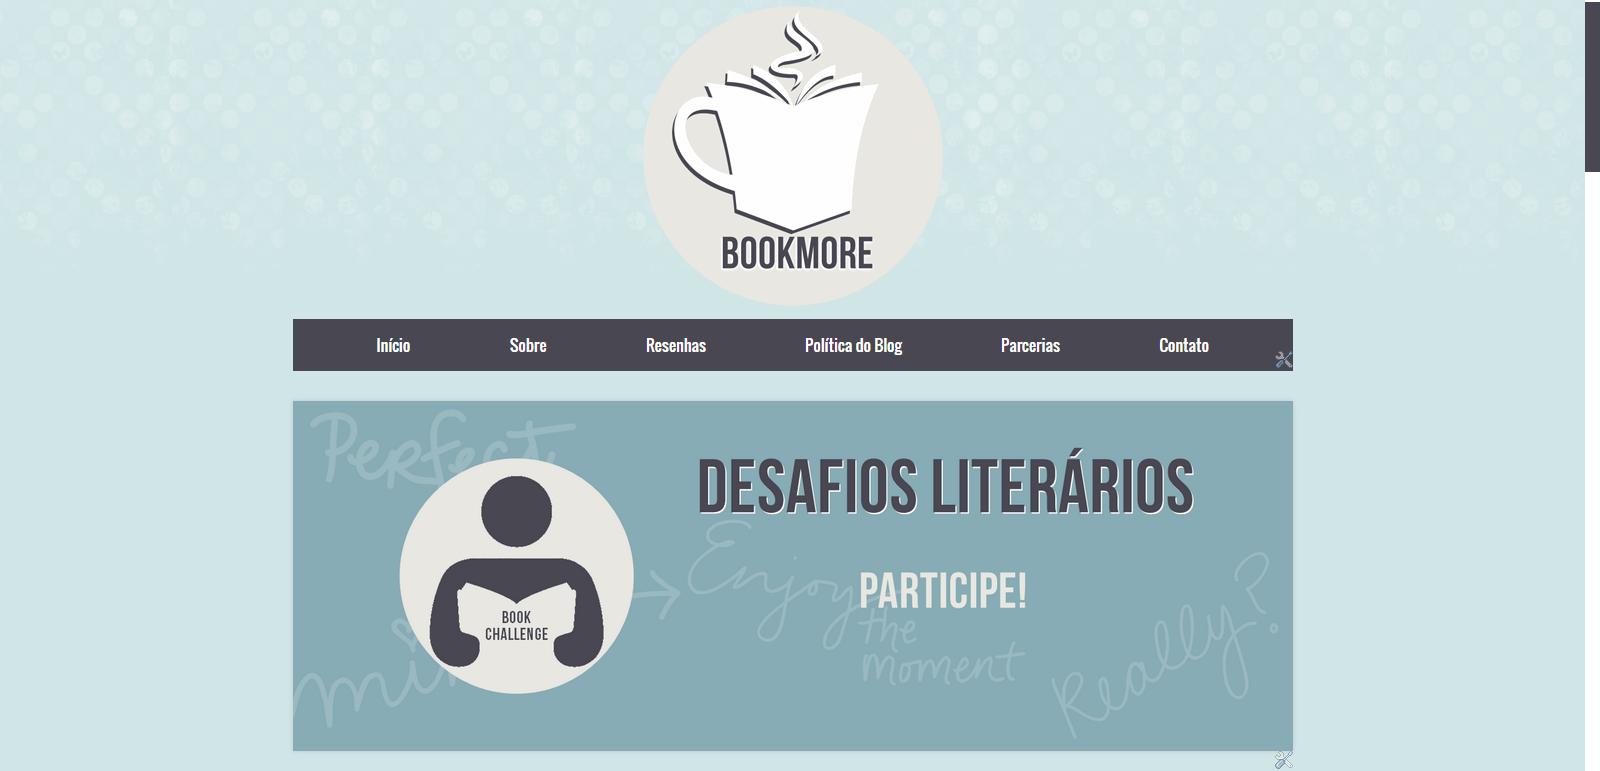 Bookmore